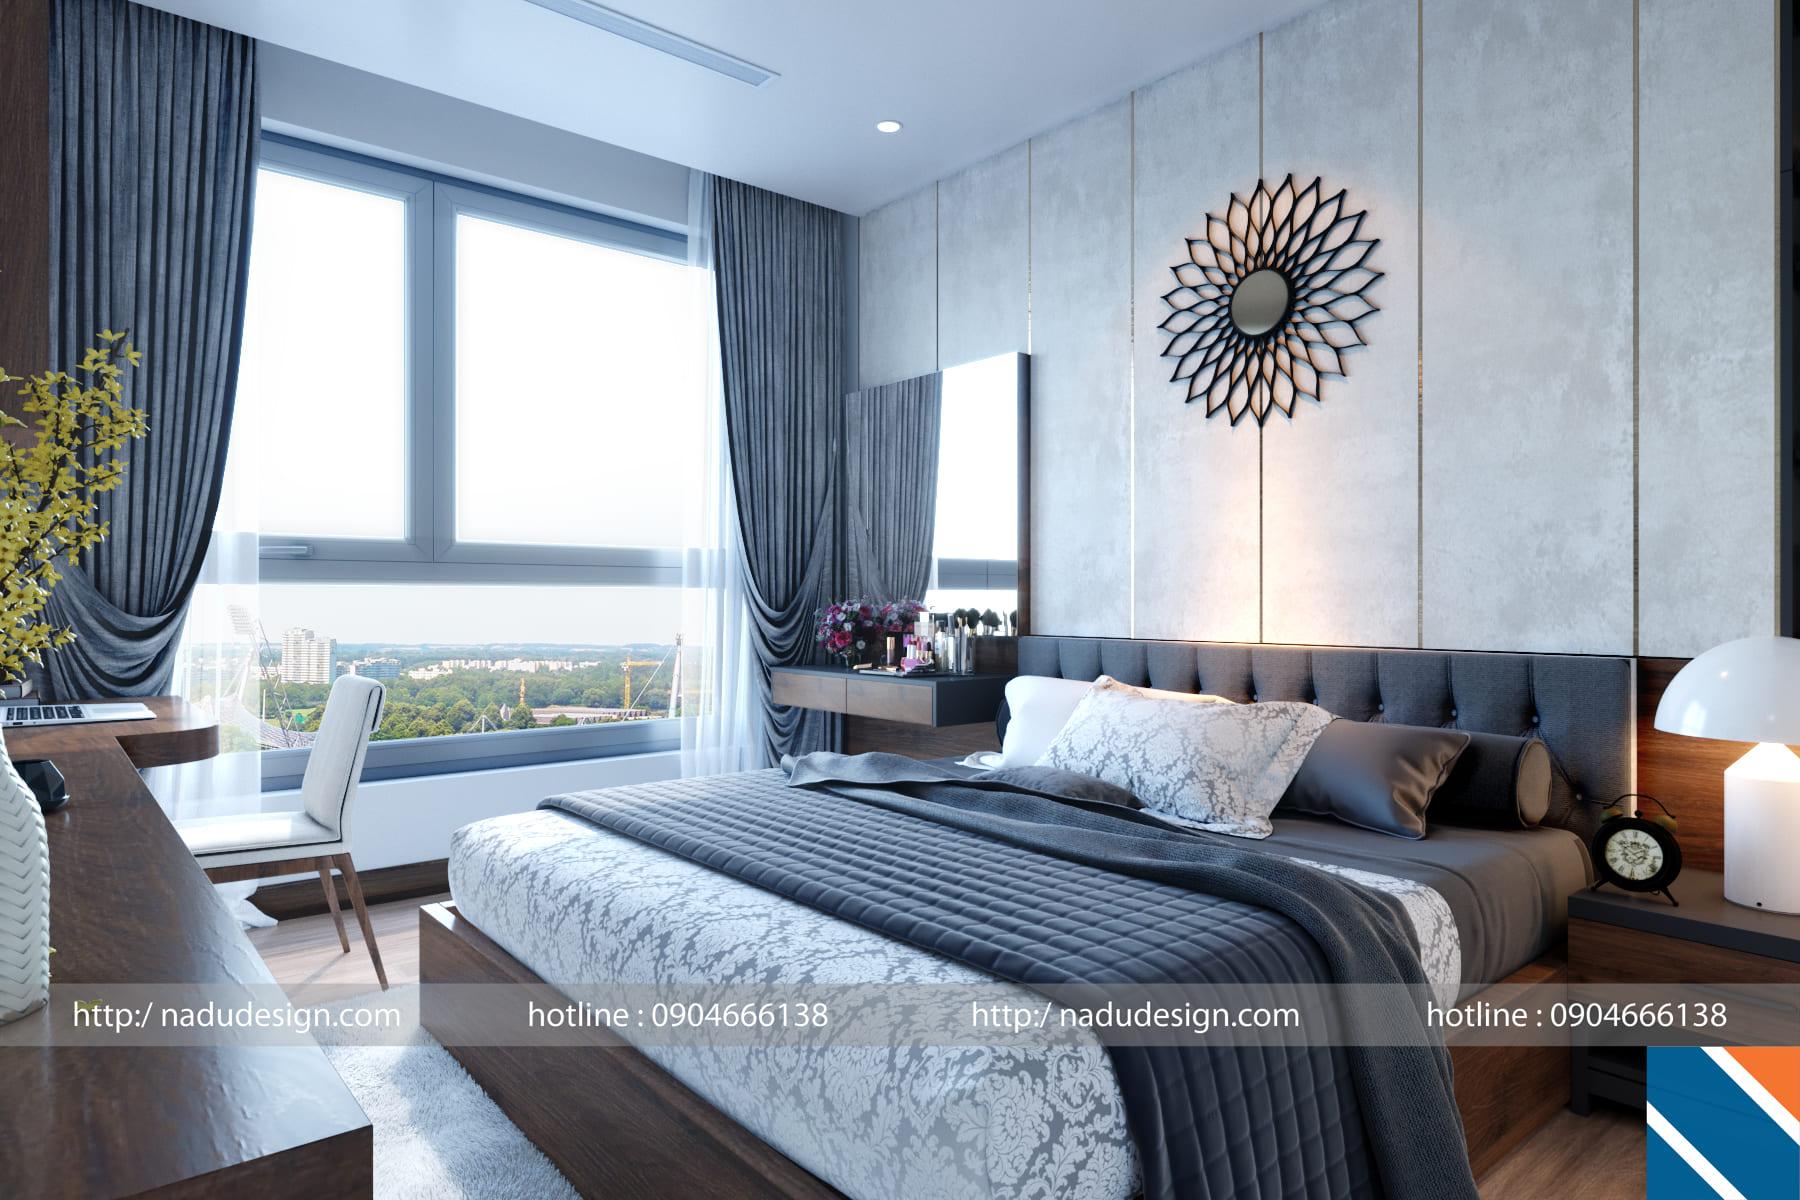 mẫu thiết kế nội thất phòng ngủ chung cư đẹp